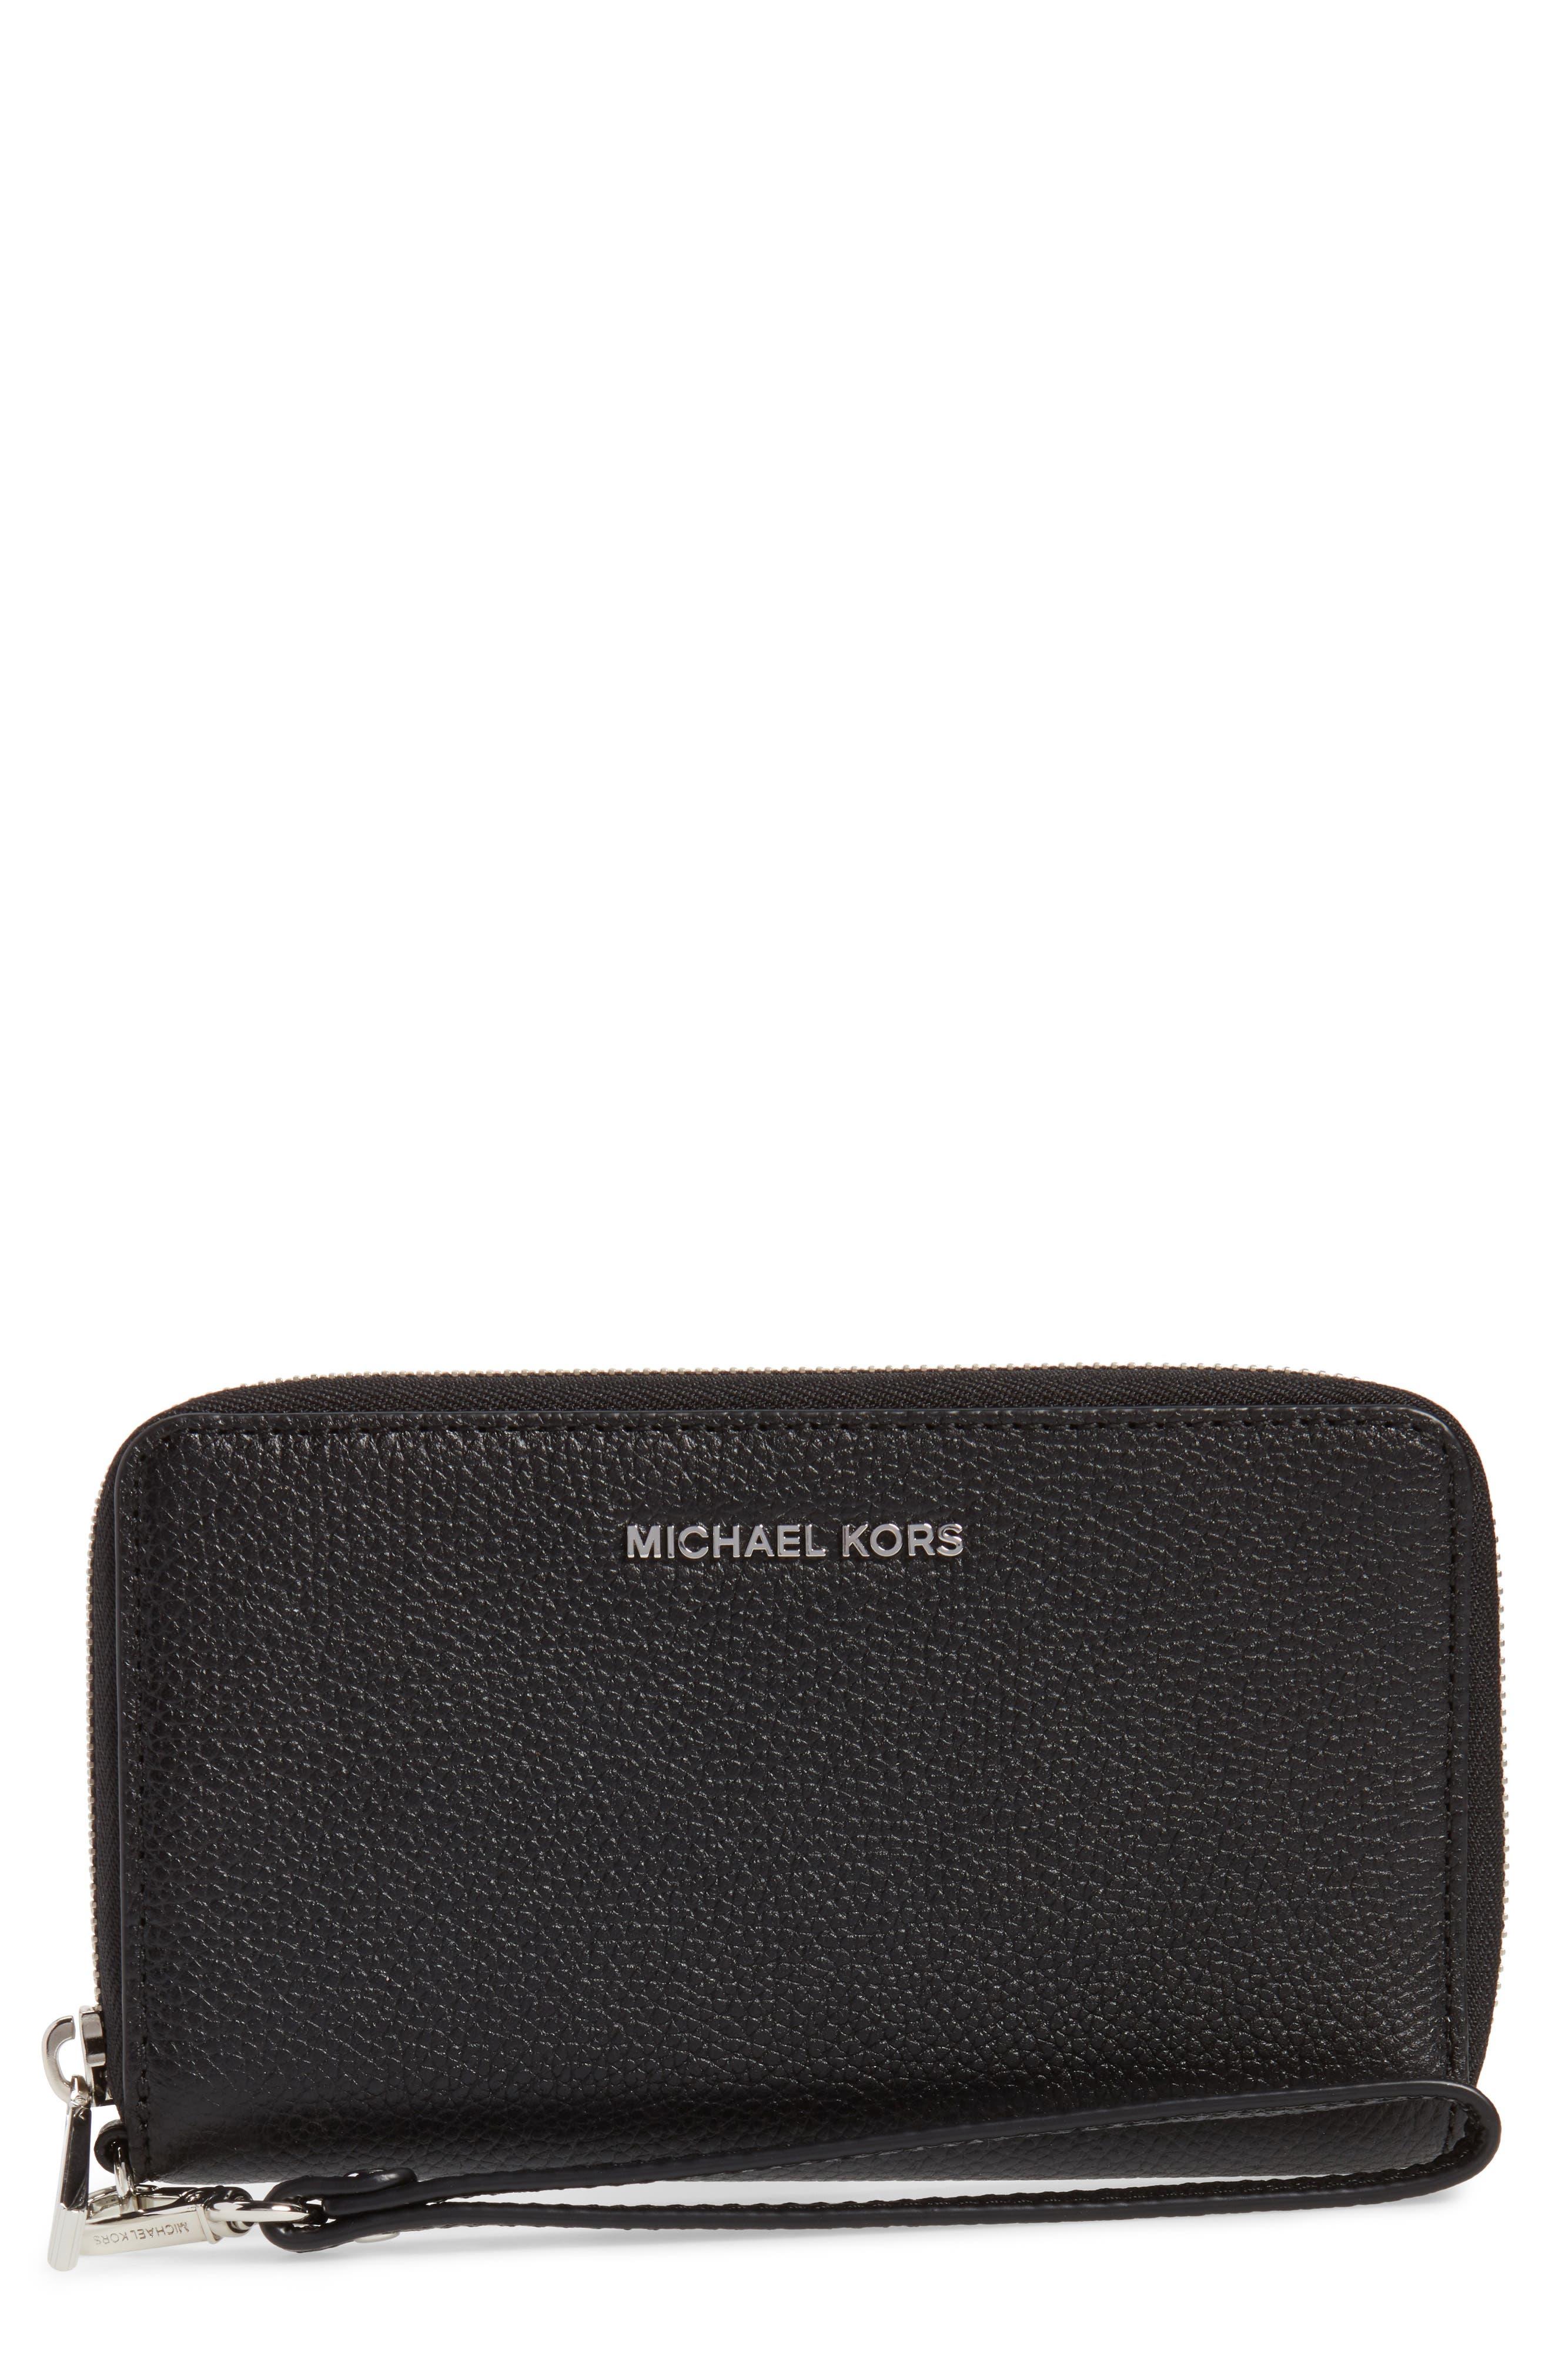 Mercer Large Leather Wristlet,                         Main,                         color,